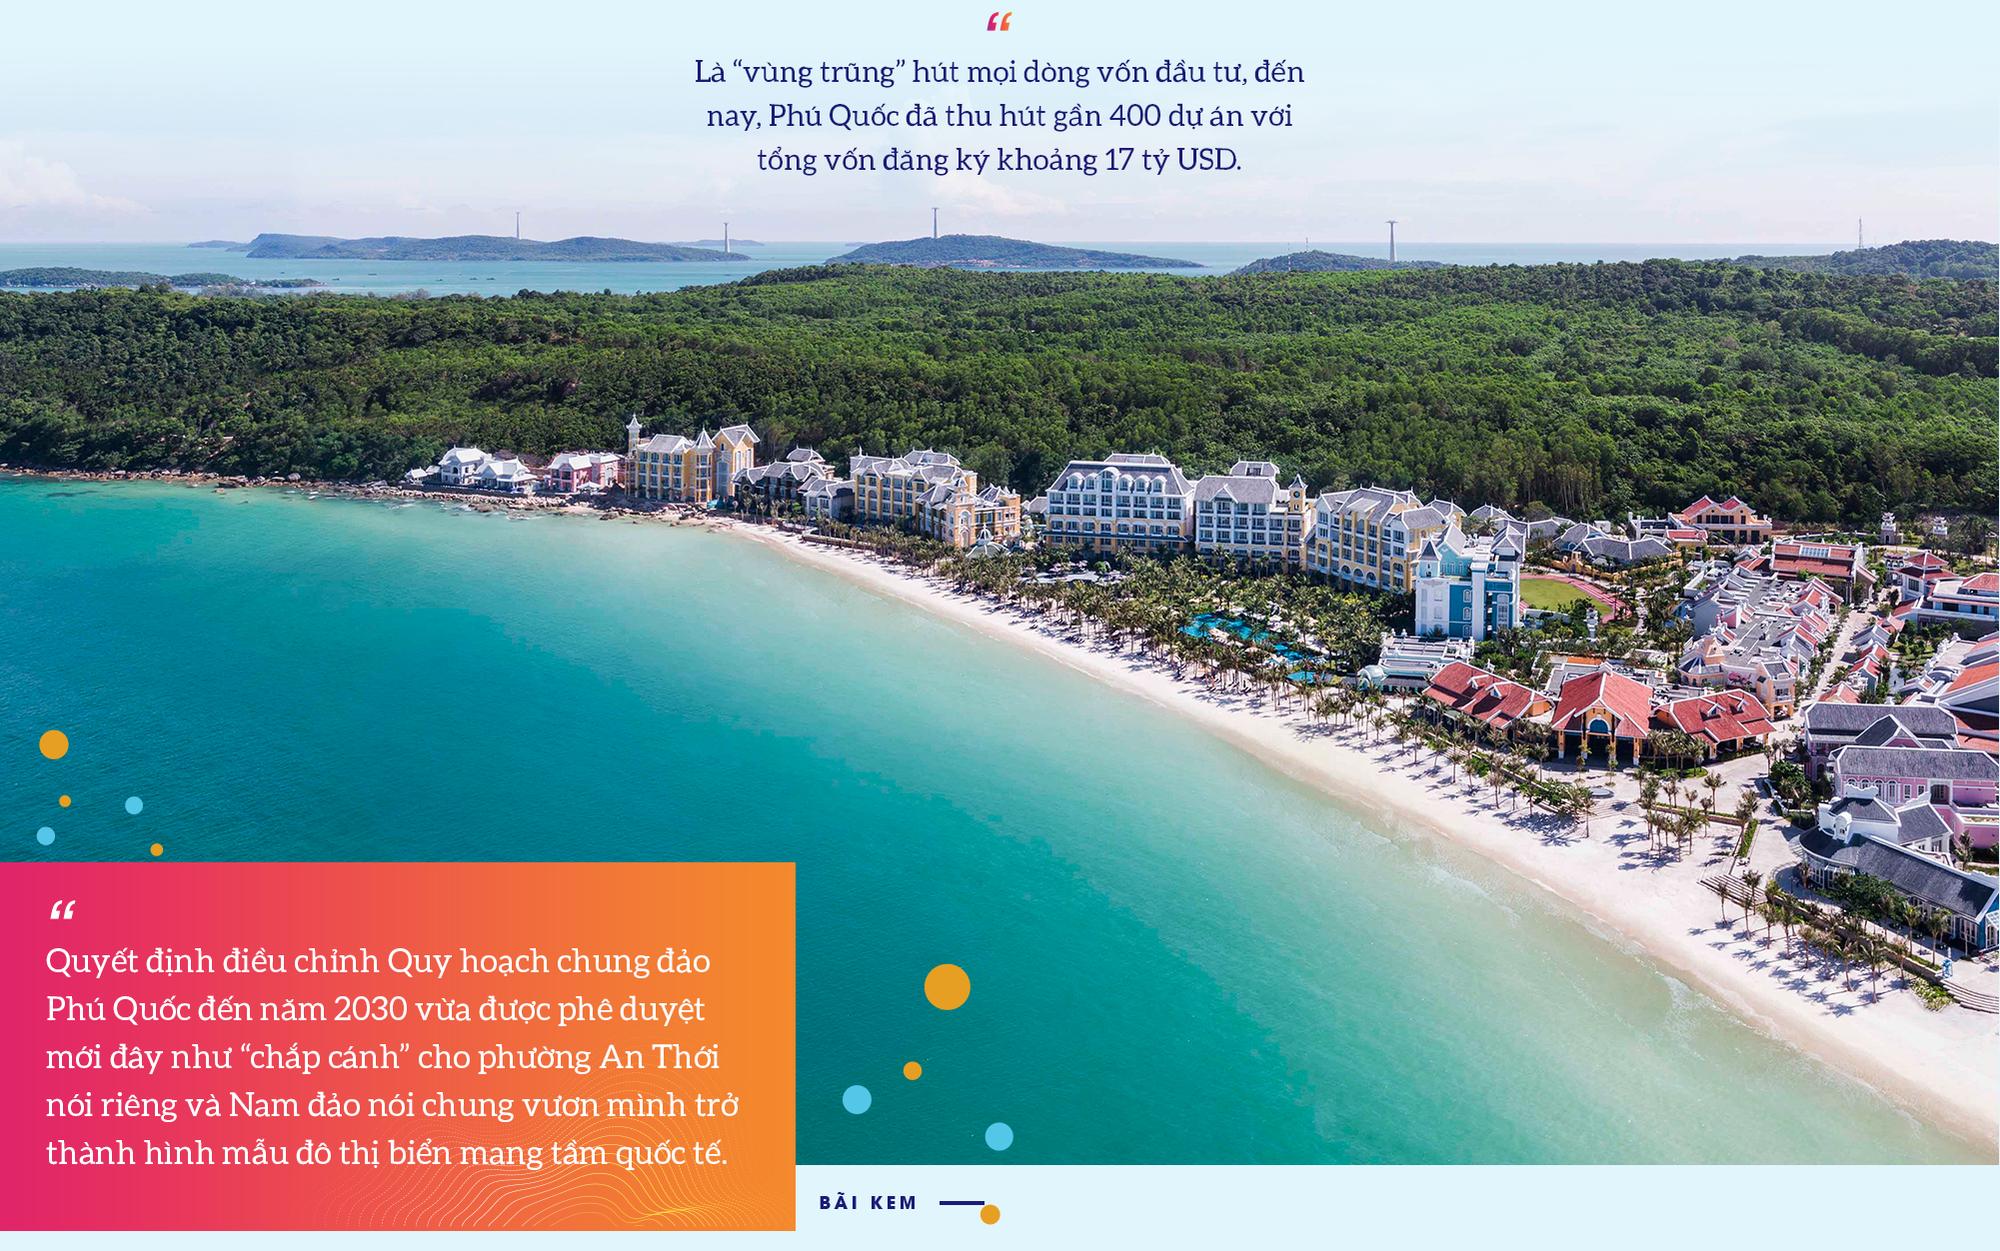 Sun Grand City Hillside Residence giải bài toán quy hoạch đô thị Nam Phú Quốc - Ảnh 2.